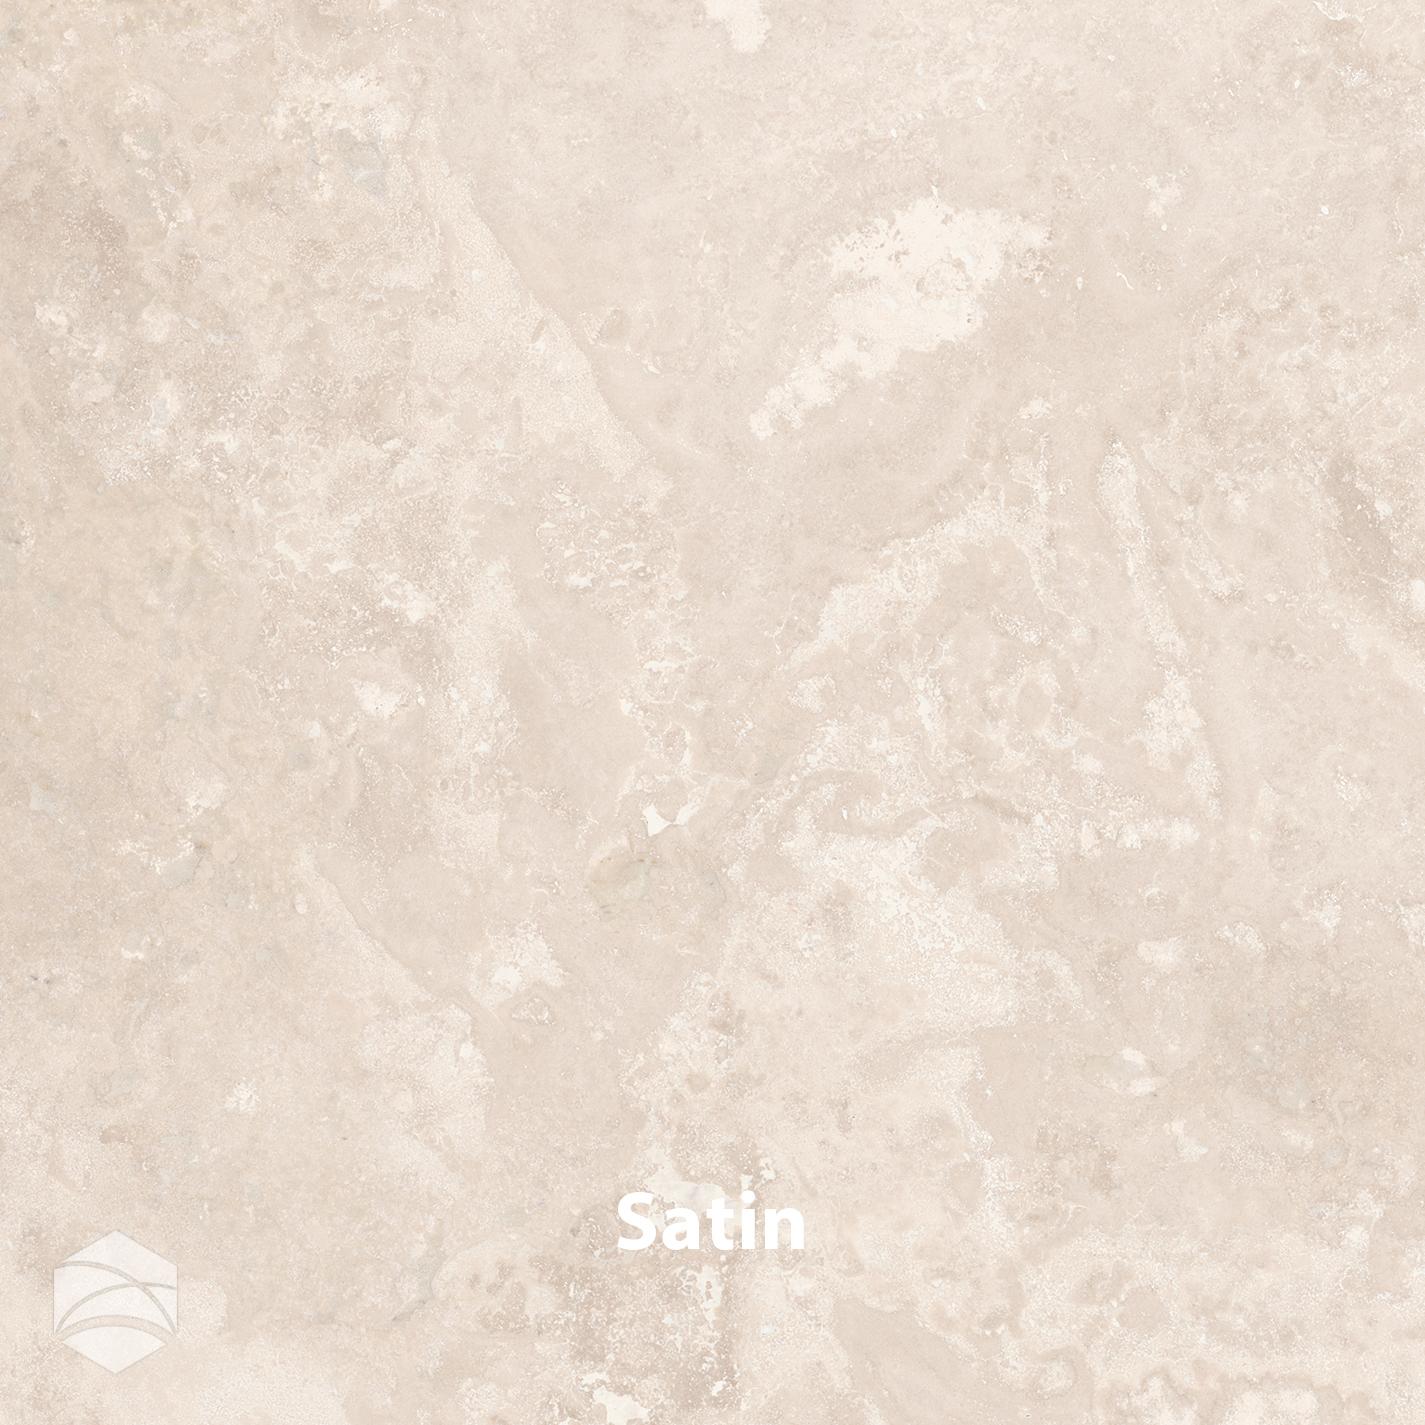 Satin_V2_14x14.jpg